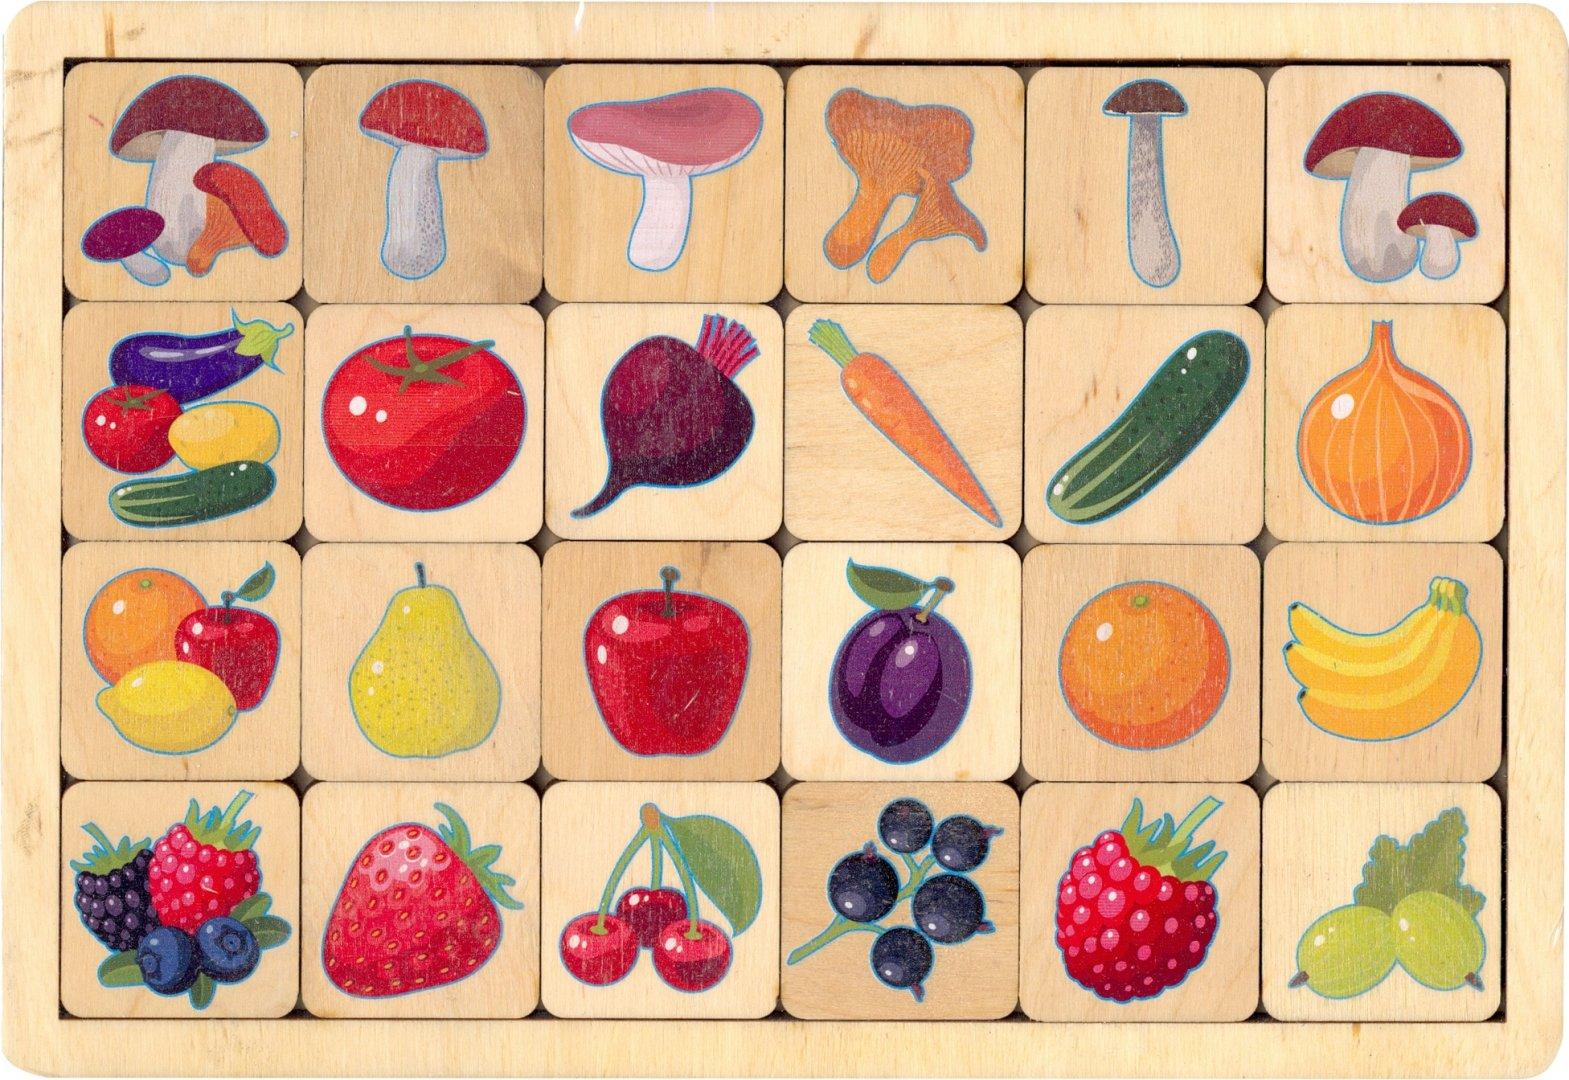 Настольная Овощи-Фрукты-Ягоды-Грибы дерев